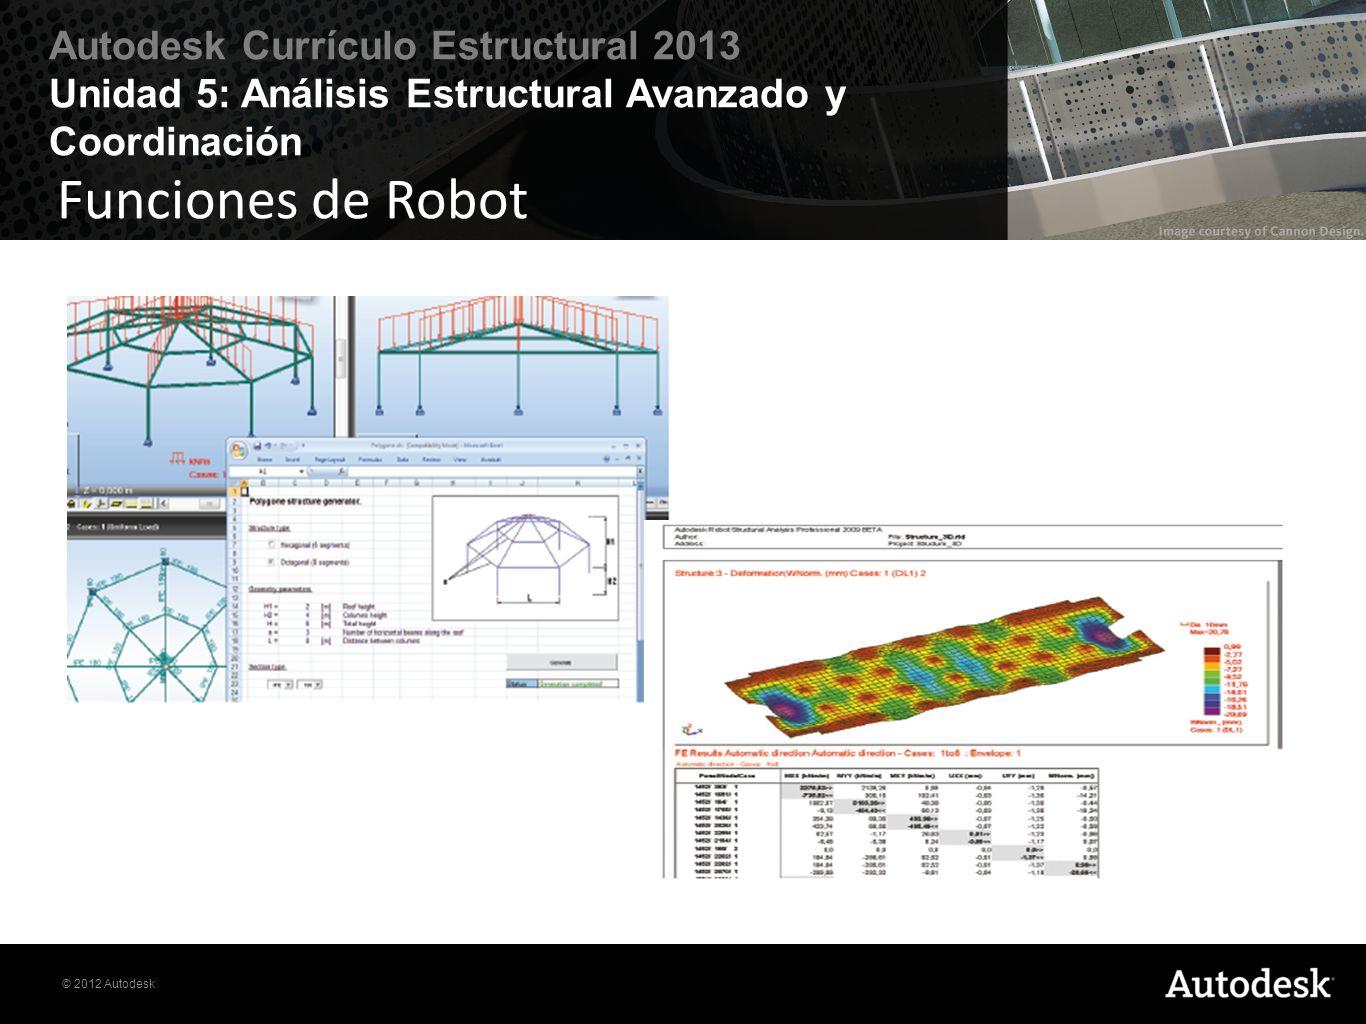 © 2012 Autodesk Autodesk Currículo Estructural 2013 Unidad 5: Análisis Estructural Avanzado y Coordinación Niveles y Rejillas